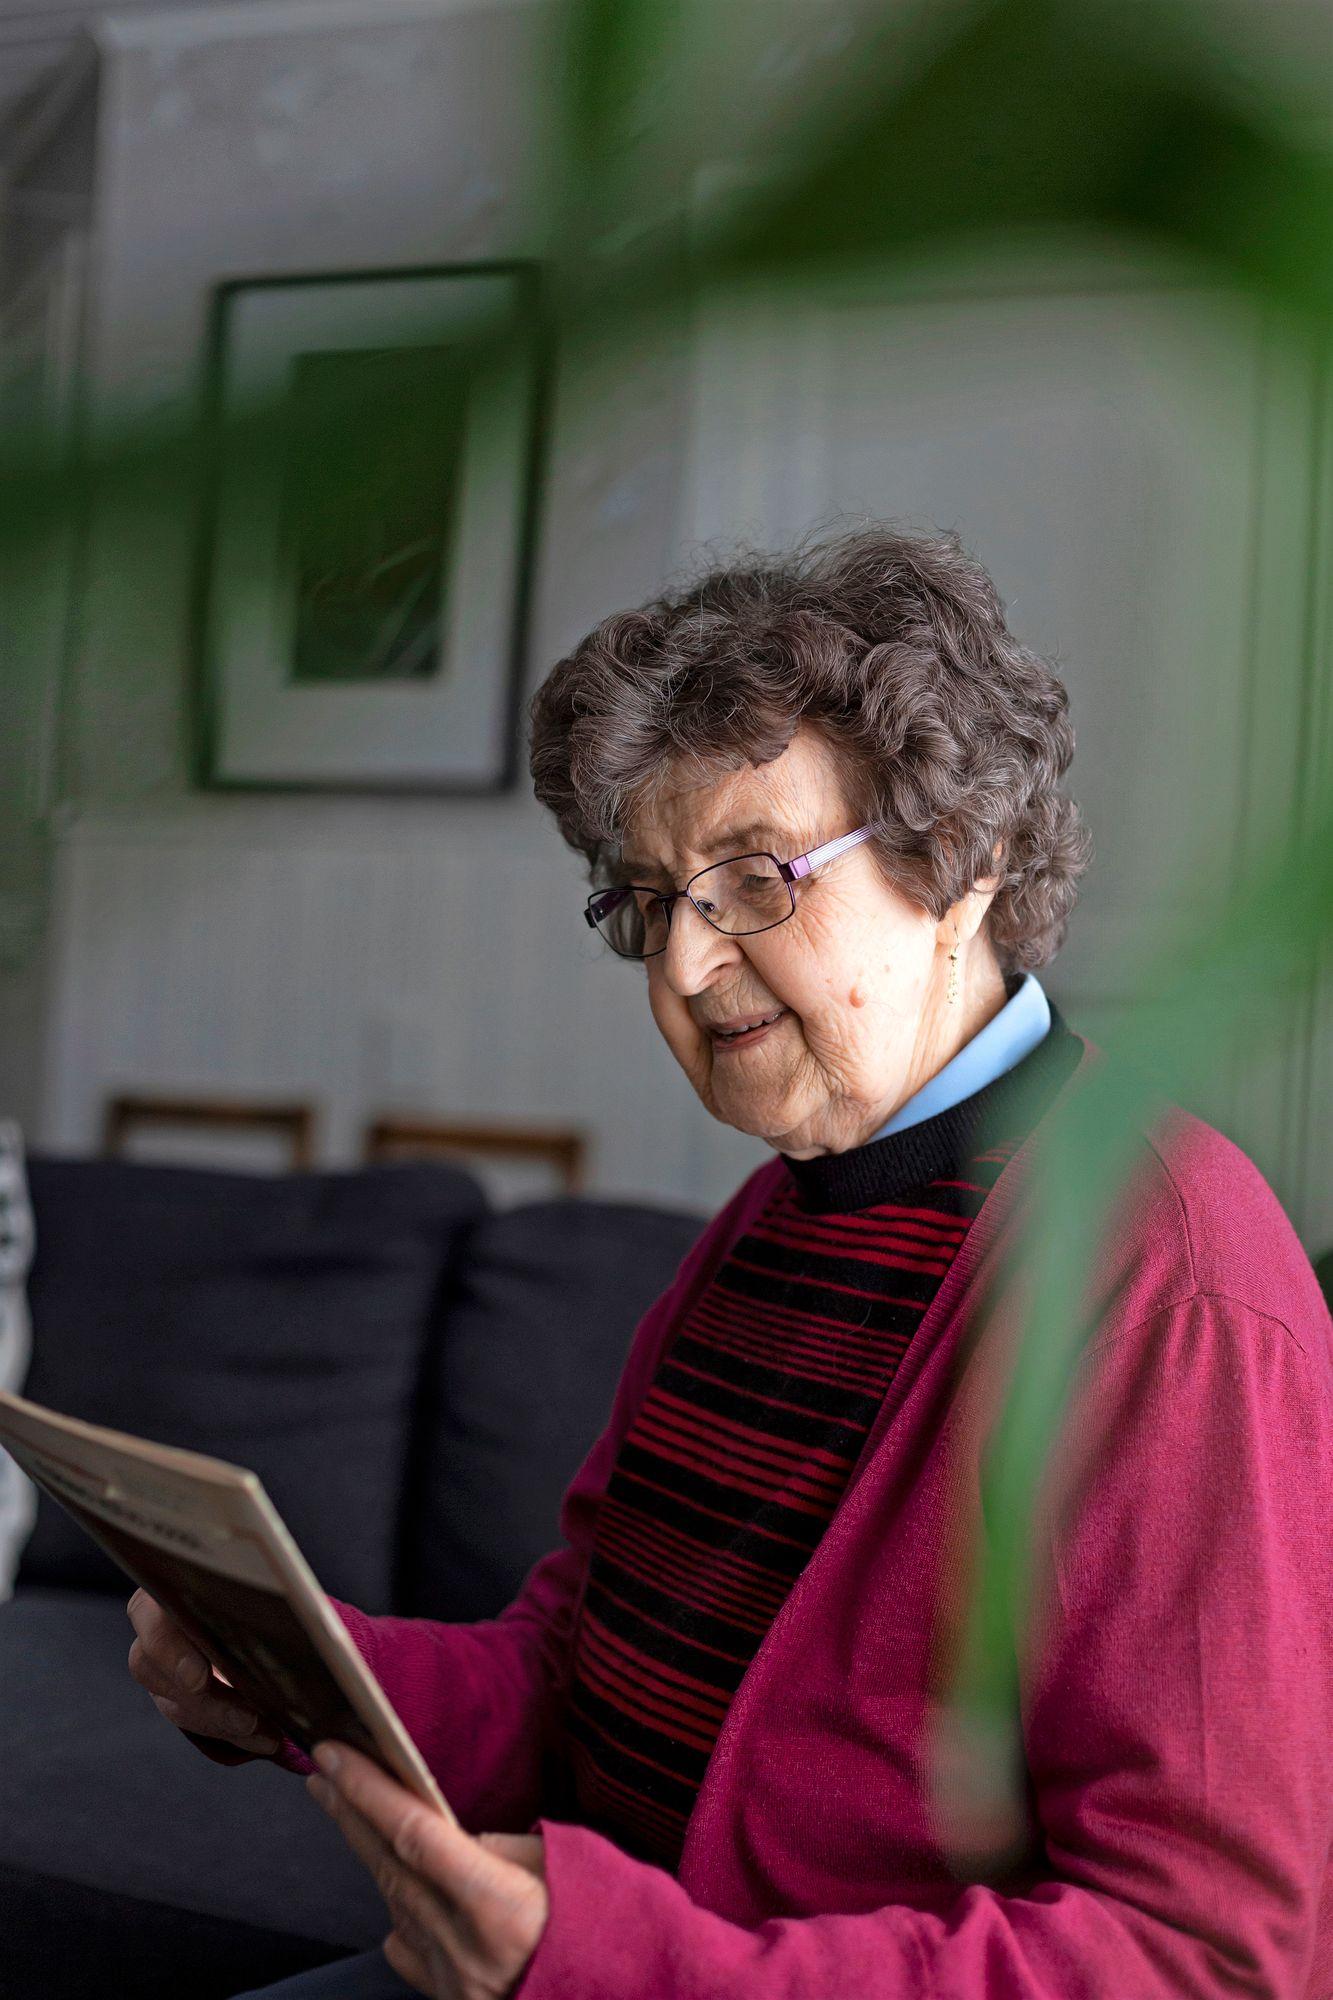 """86-vuotias Rauni Mathlin suree pojanpoikansa ja muiden työntekijöiden puolesta. """"Vuosikymmeniä on palveltu ja nyt loppuu leipä. Pahalta se tuntuu."""" © Susanna Chazalmar"""